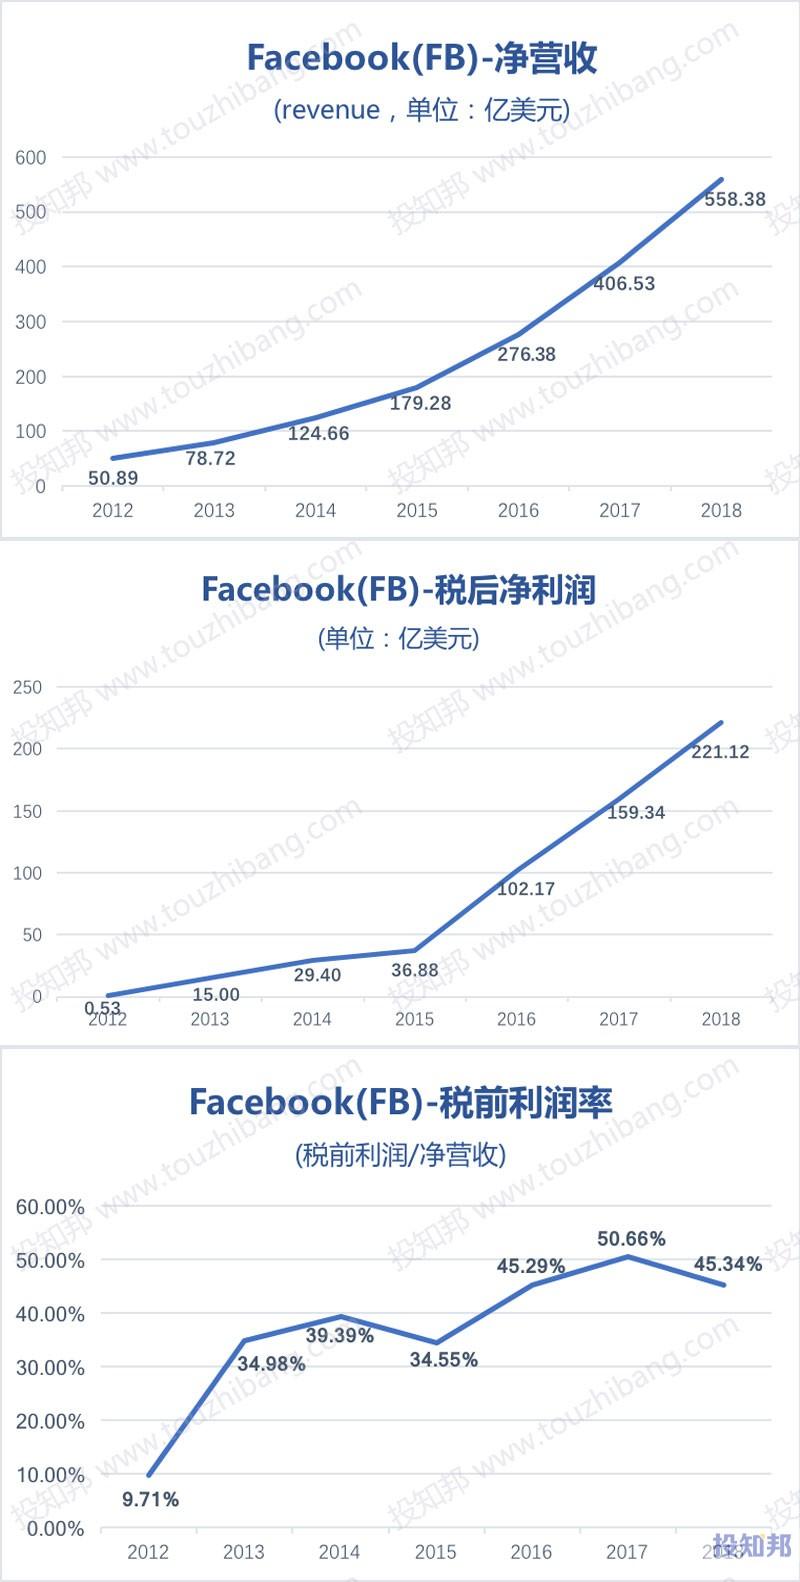 图解脸谱网Facebook(FB)财报数据(2012~2018年,更新)